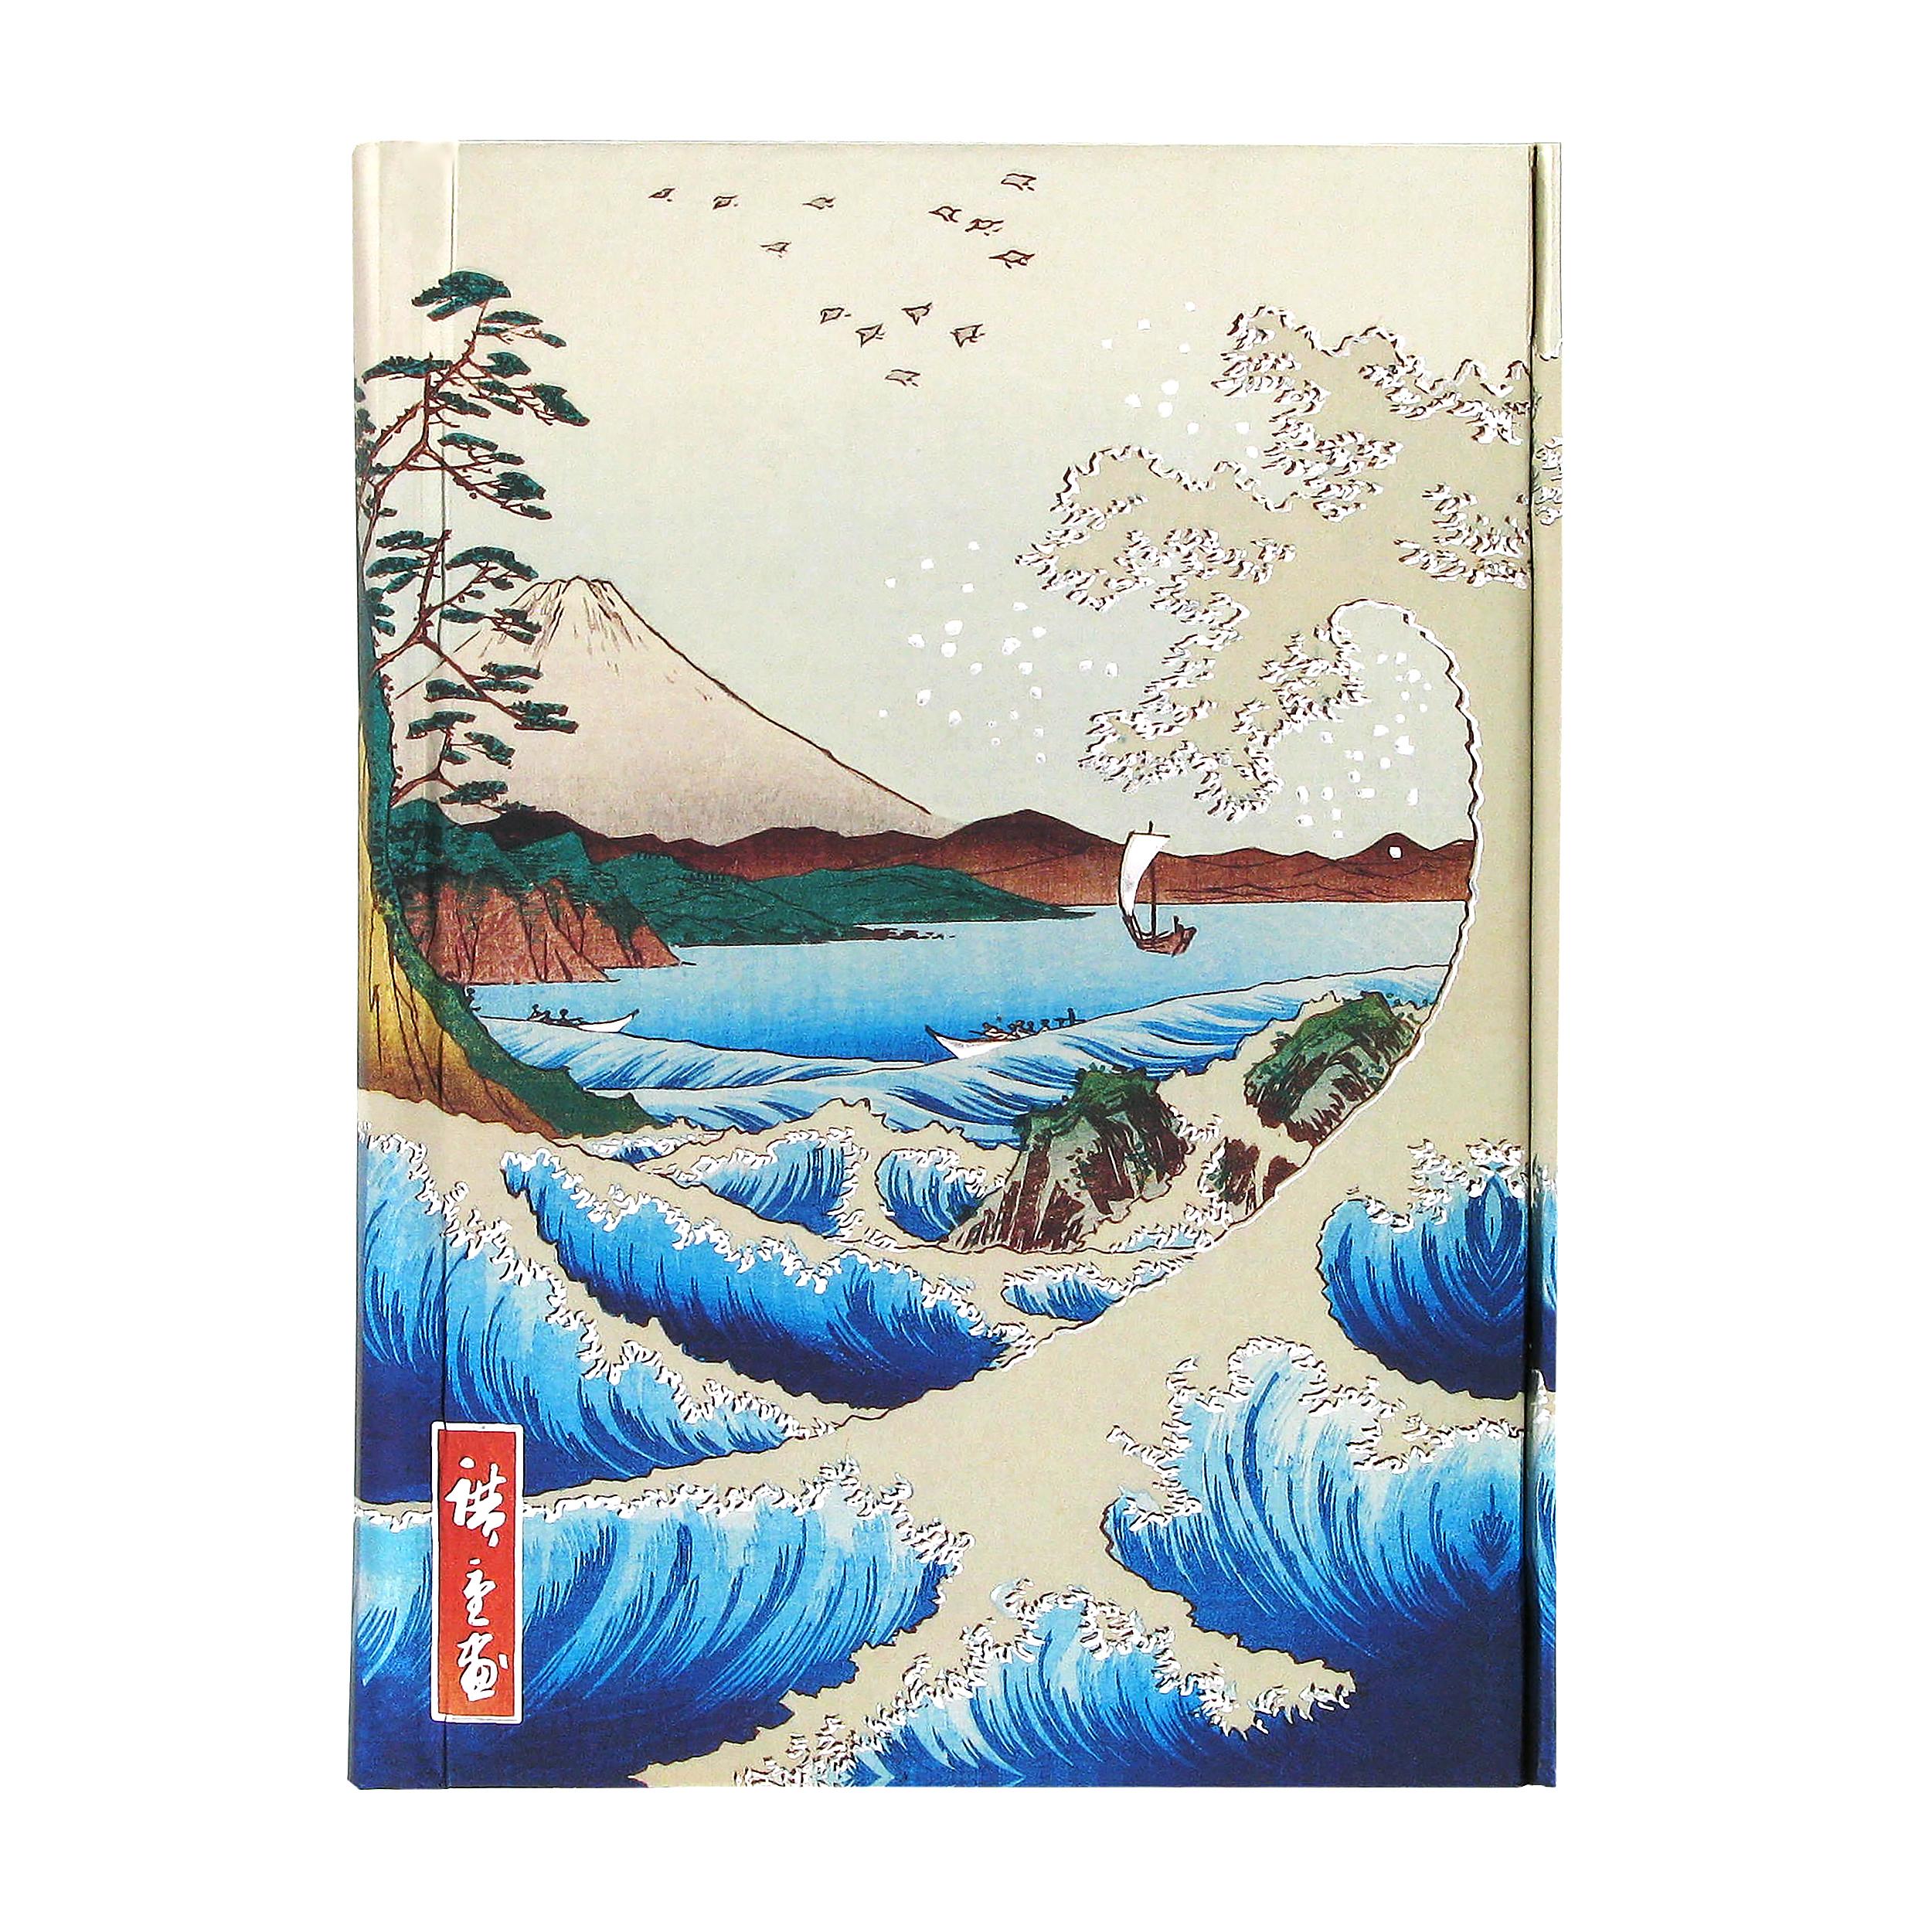 Hiroshige, Sea at Satta notebook (small)